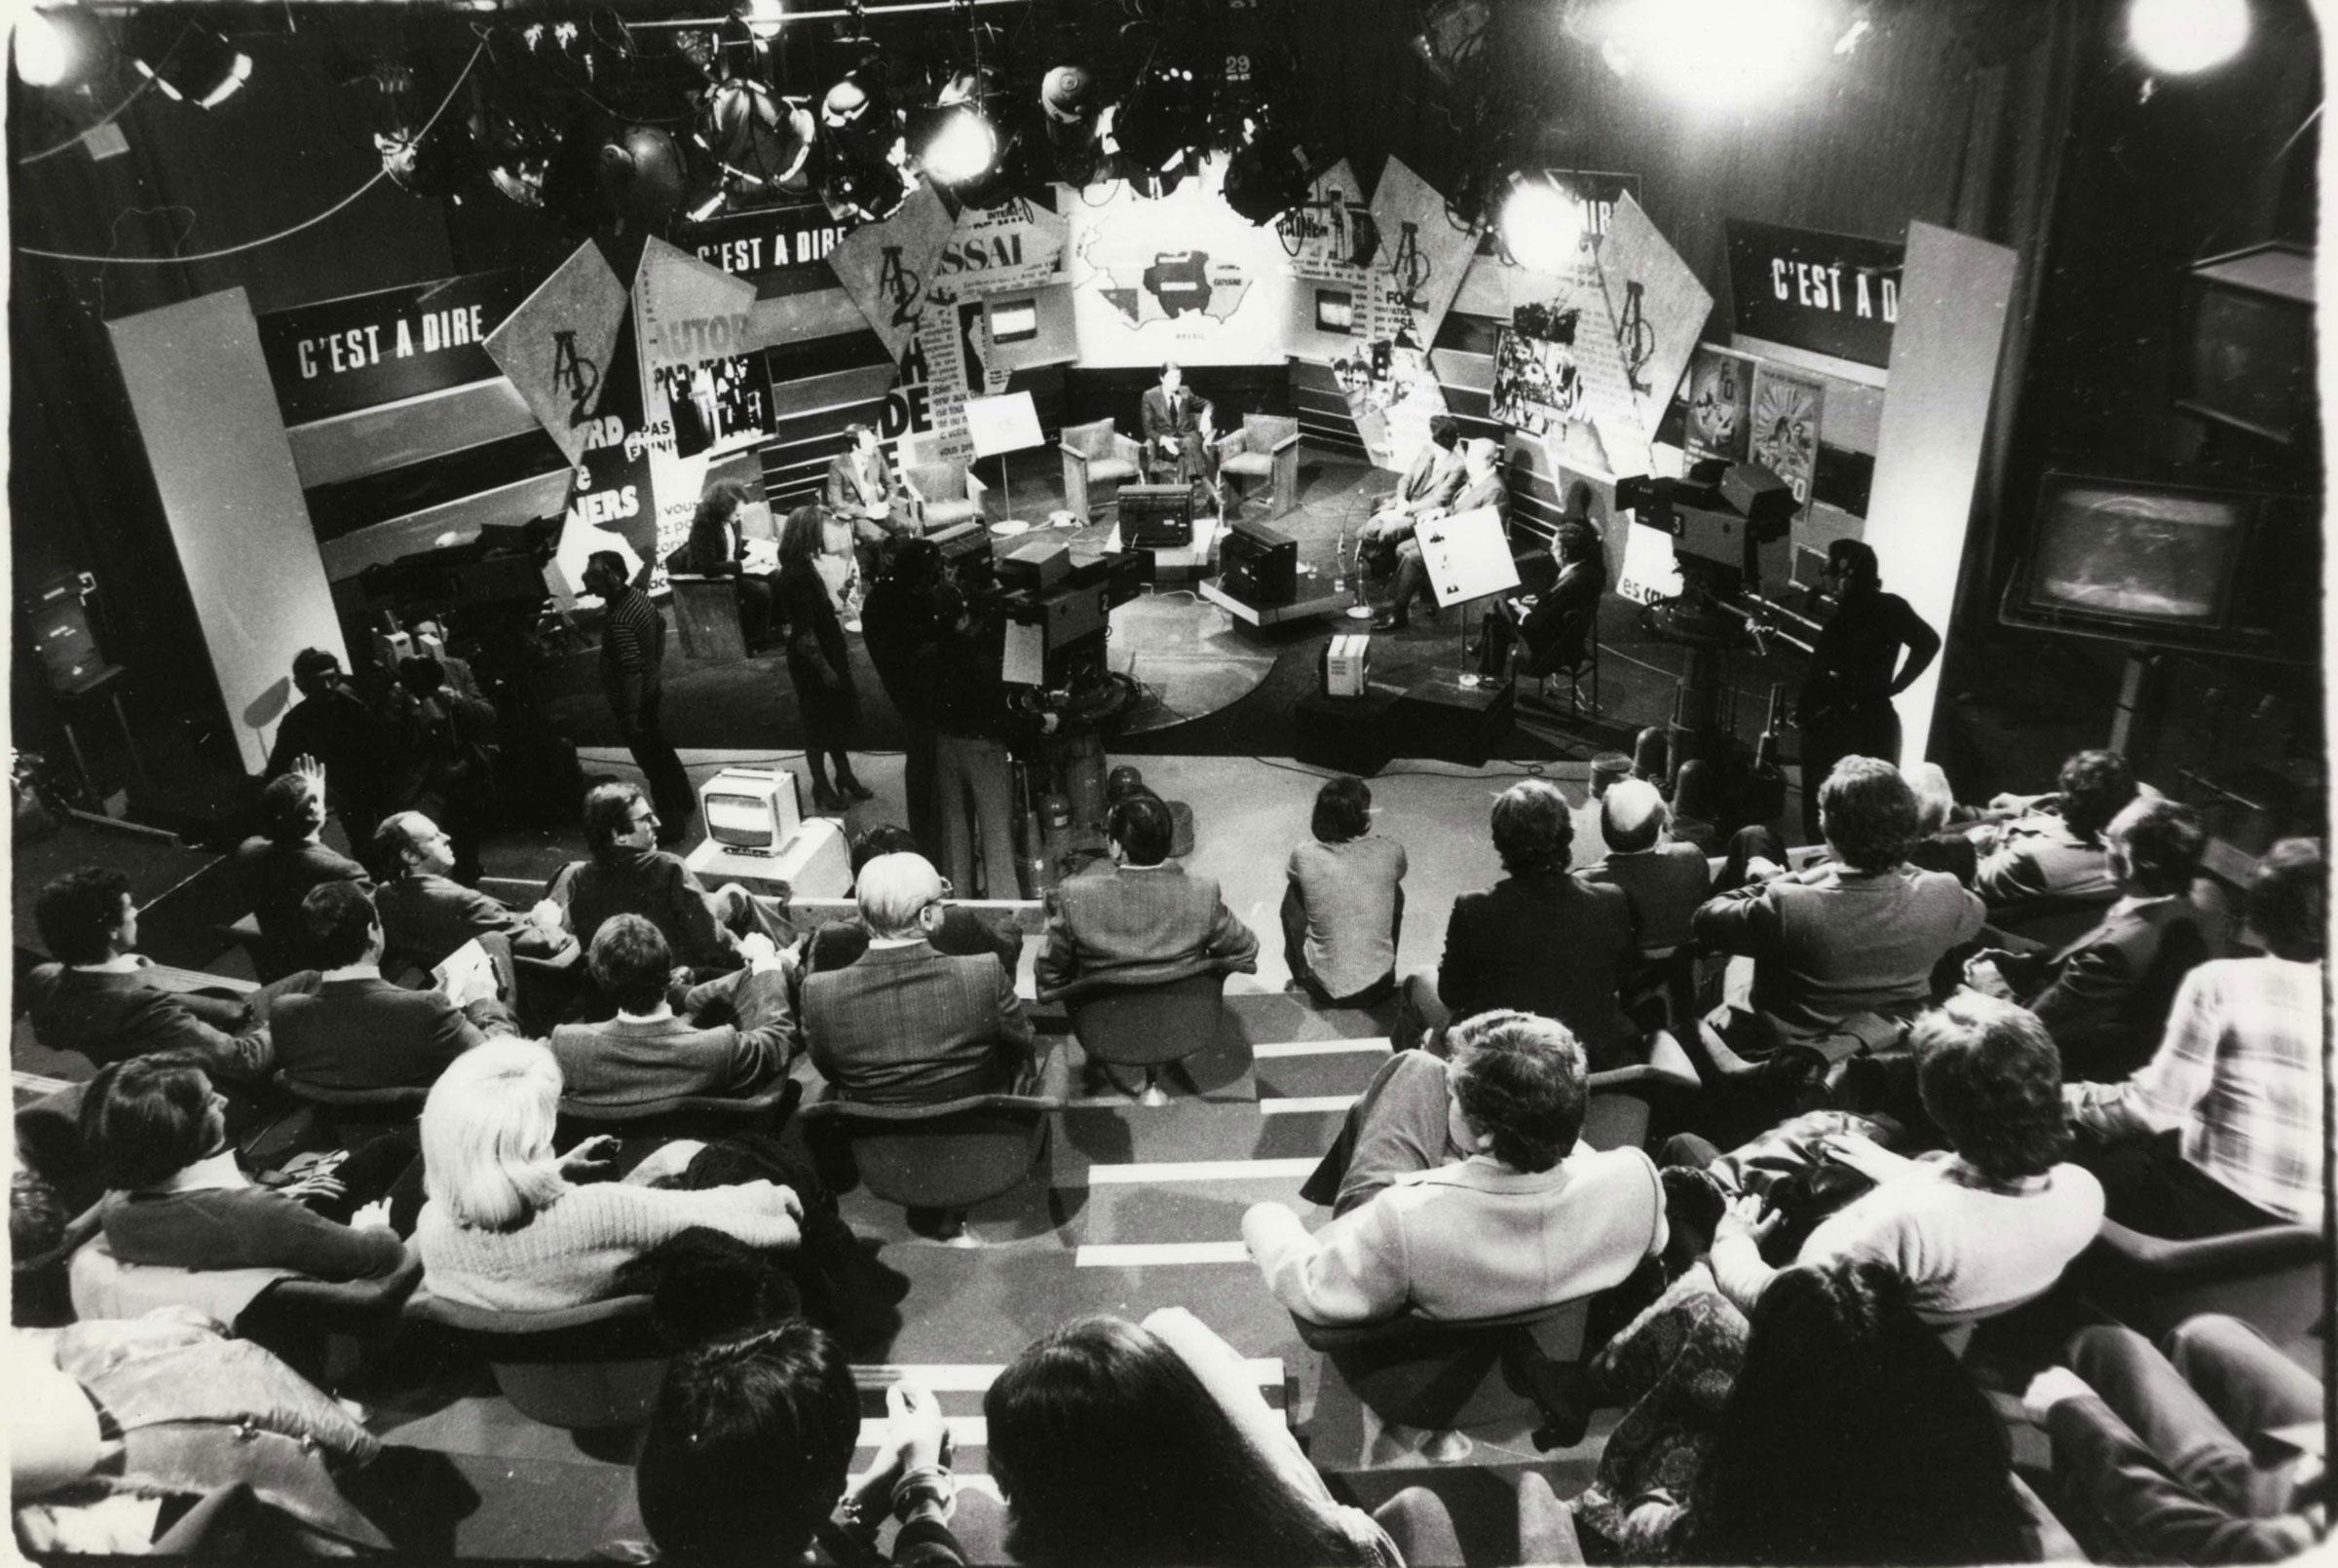 Photo prise à partir de 1976 dans le Studio 101 durant le tournage de l'émission de télévision « C'est-à-dire » présentée par Georges Leroy et Jean-Marie Cavada  / Archives écrites de Radio France.